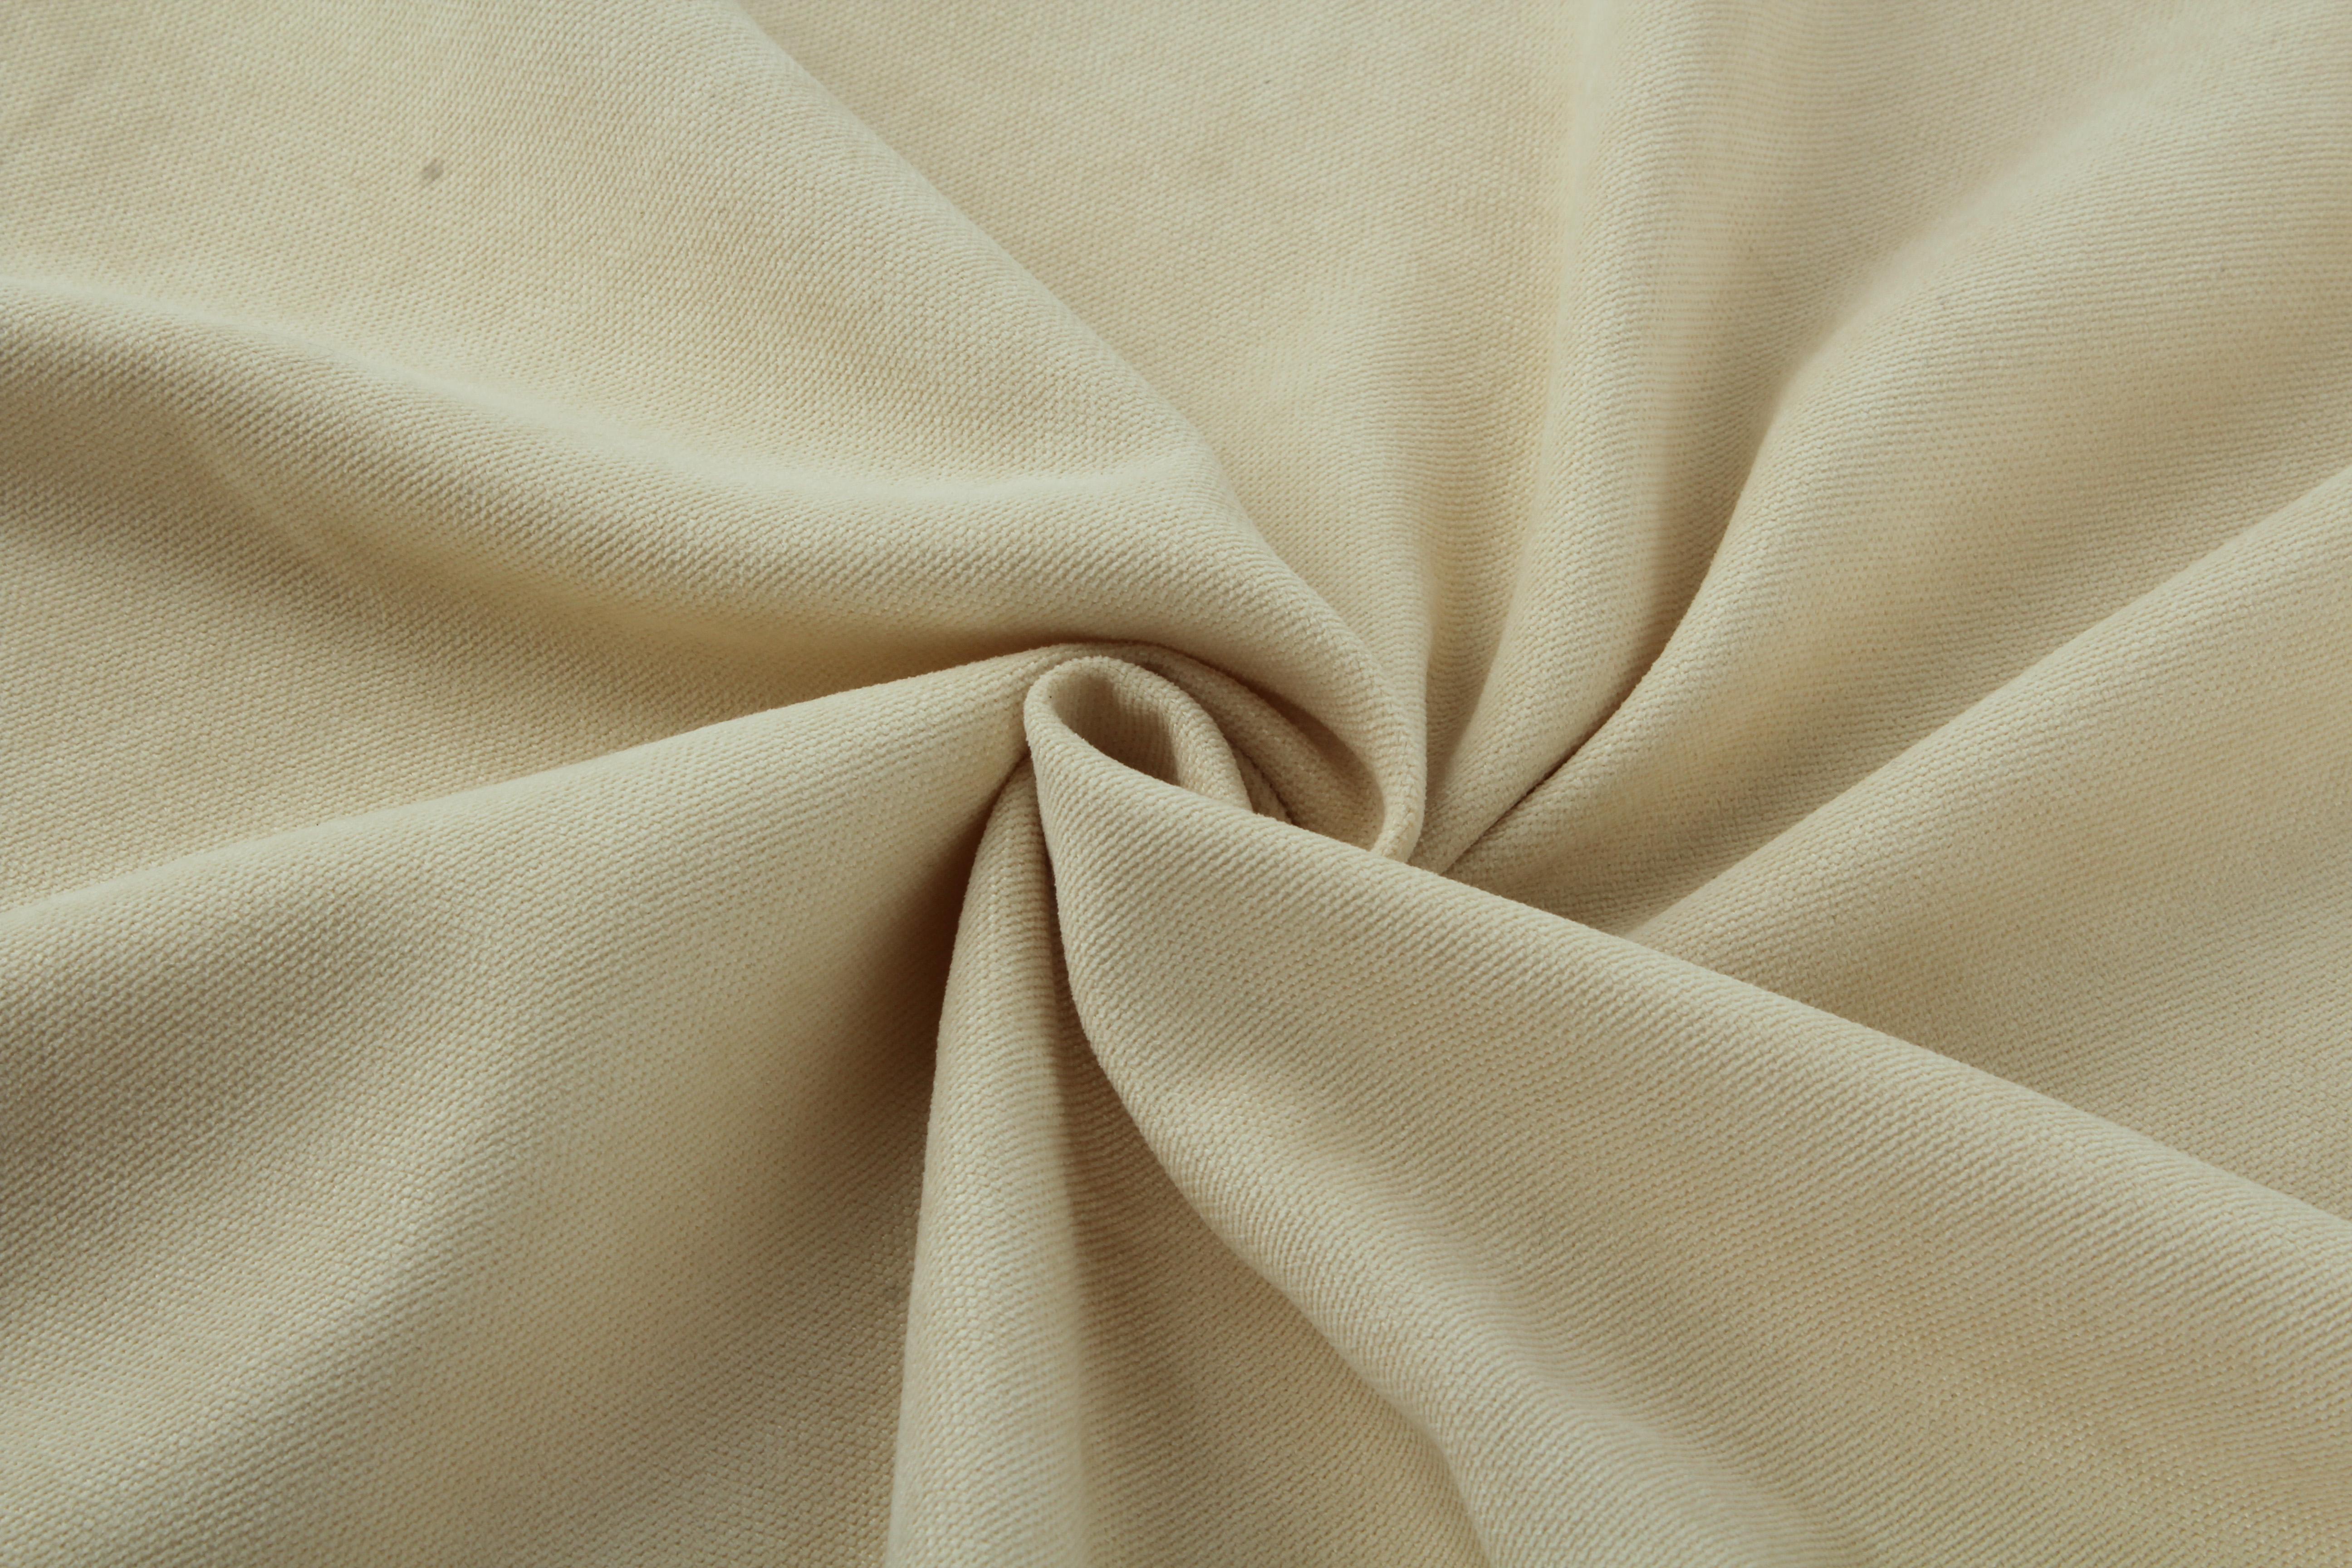 Купить Ткани TexRepublic, Материал Портьерная ткань Beautiful Цвет: Молочный, Турция, Белый